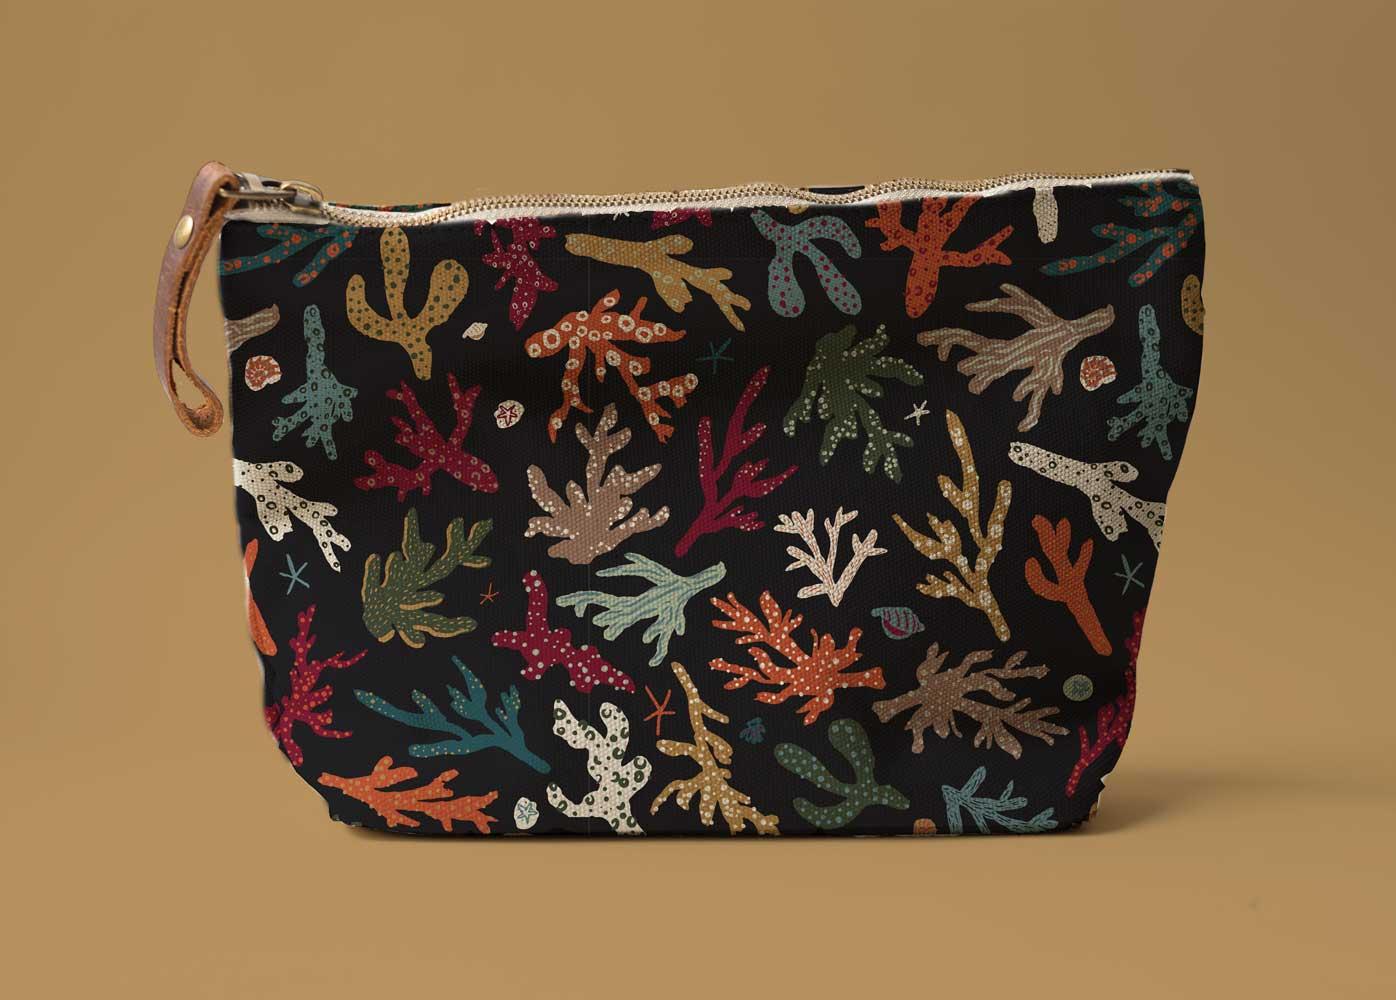 Coral Surface Pattern Design on Makeup Bag